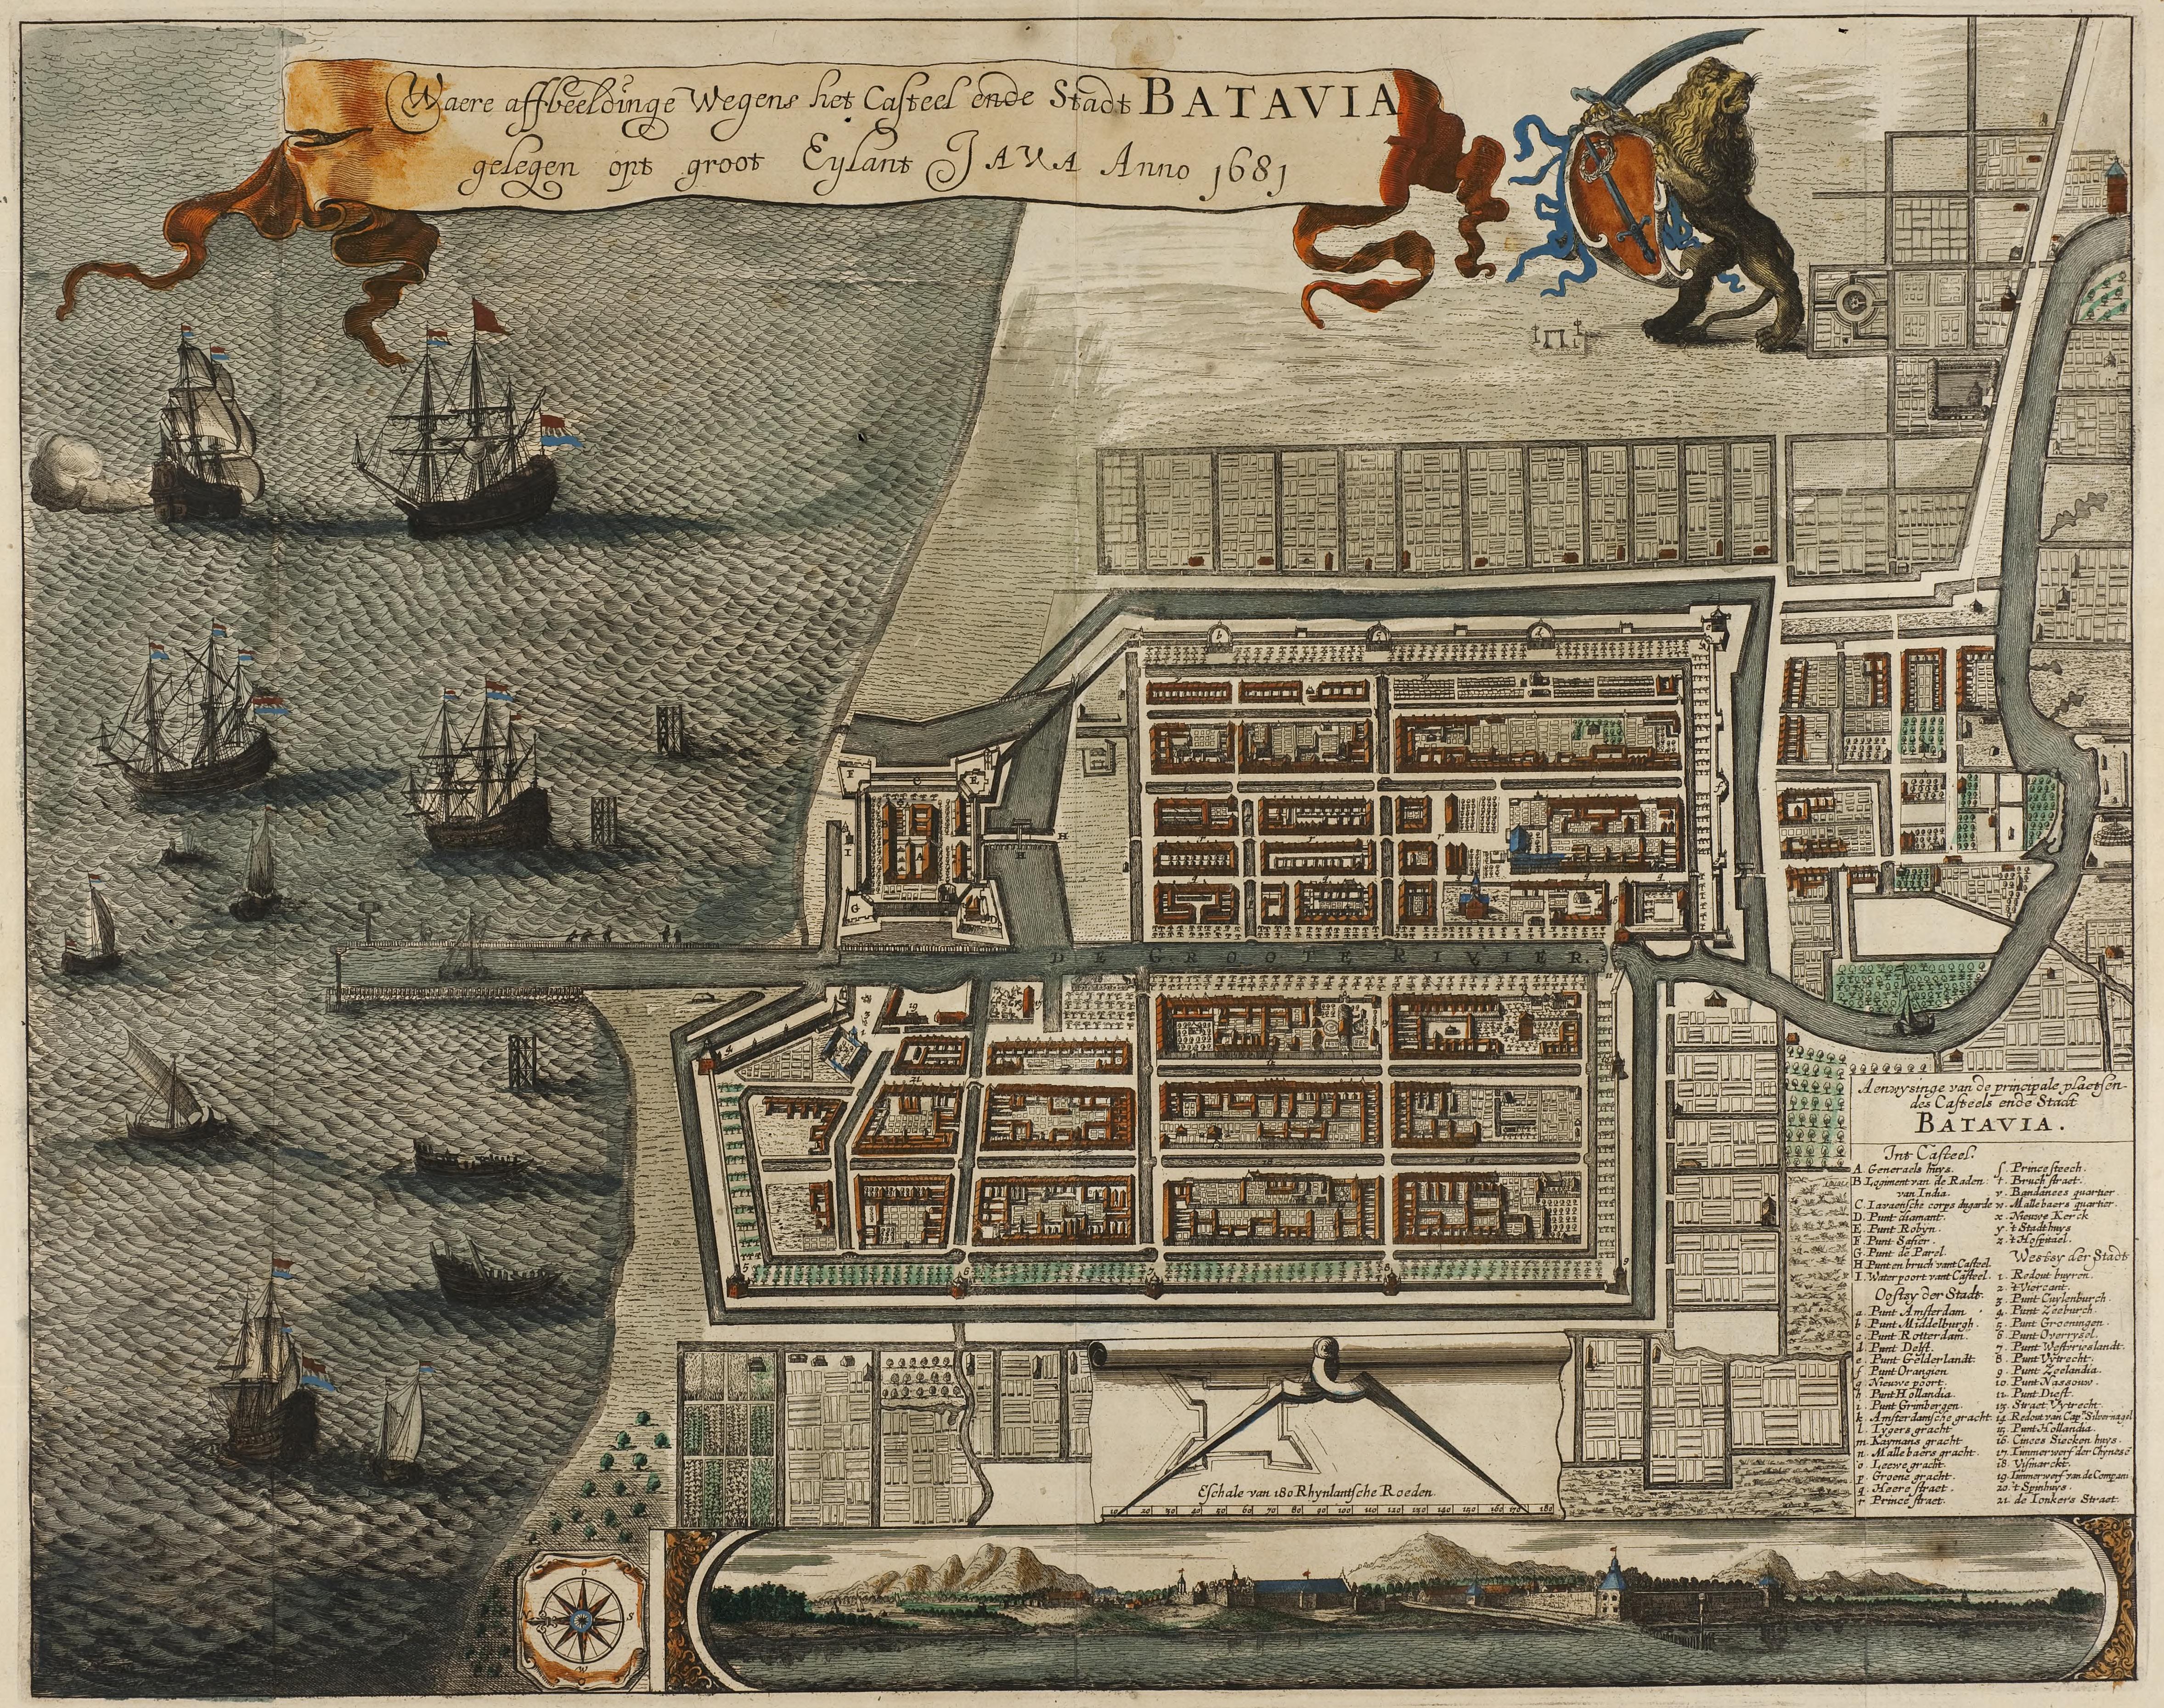 Waere affbeeldinge Wegens het Casteel ende Stadt BATAVIA gelegen opt groot Eylant JAVA Anno 1681